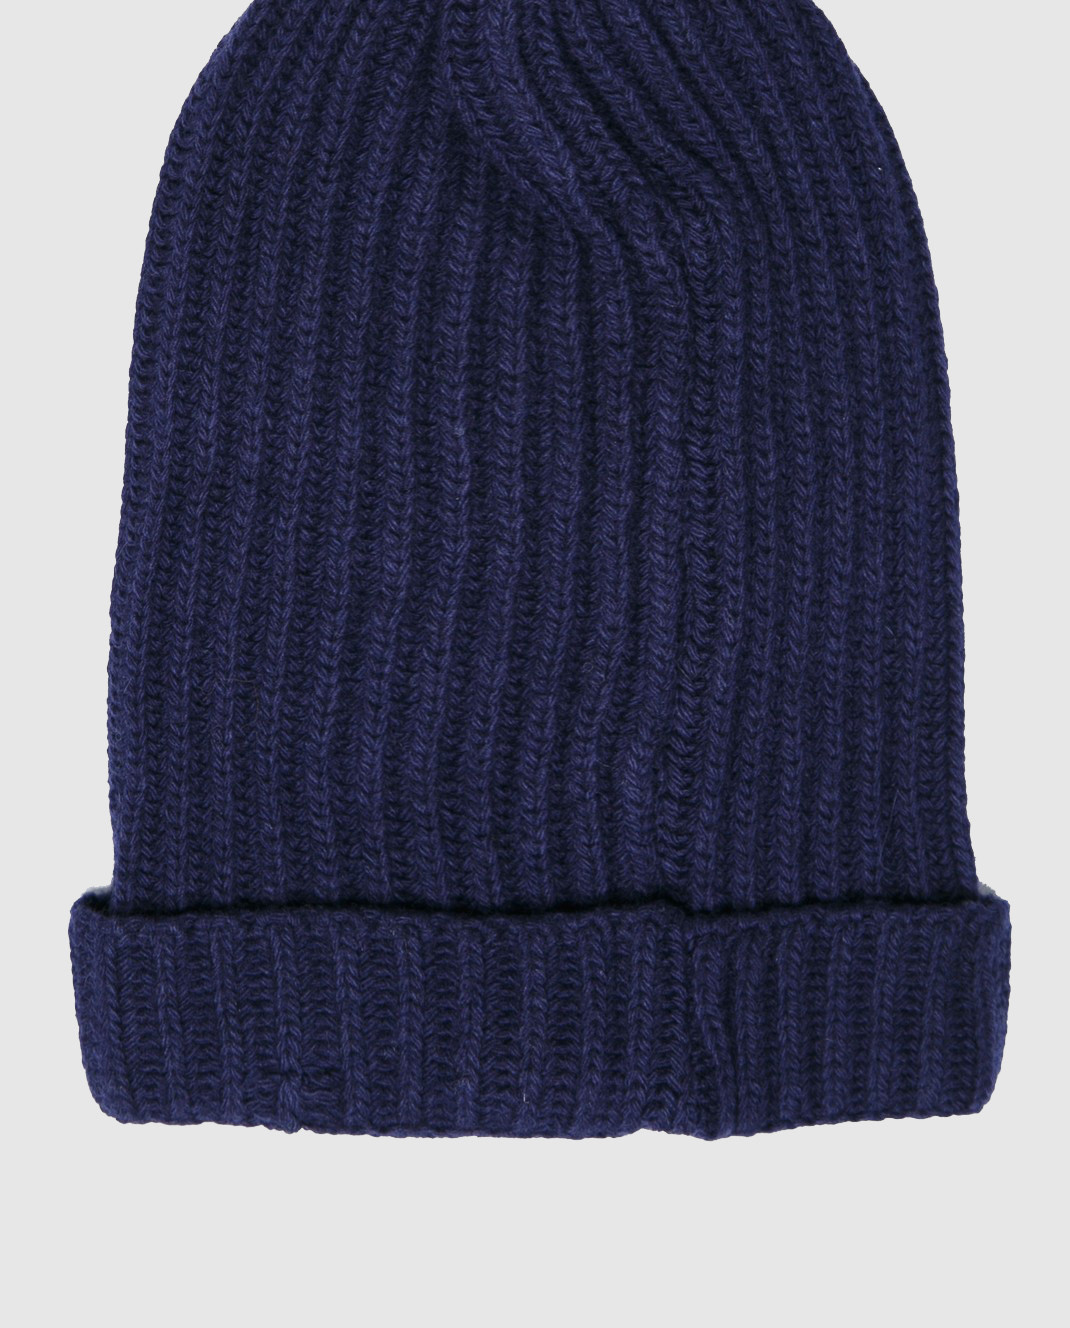 Ermanno Scervino Синяя шапка  PP01V228 изображение 2